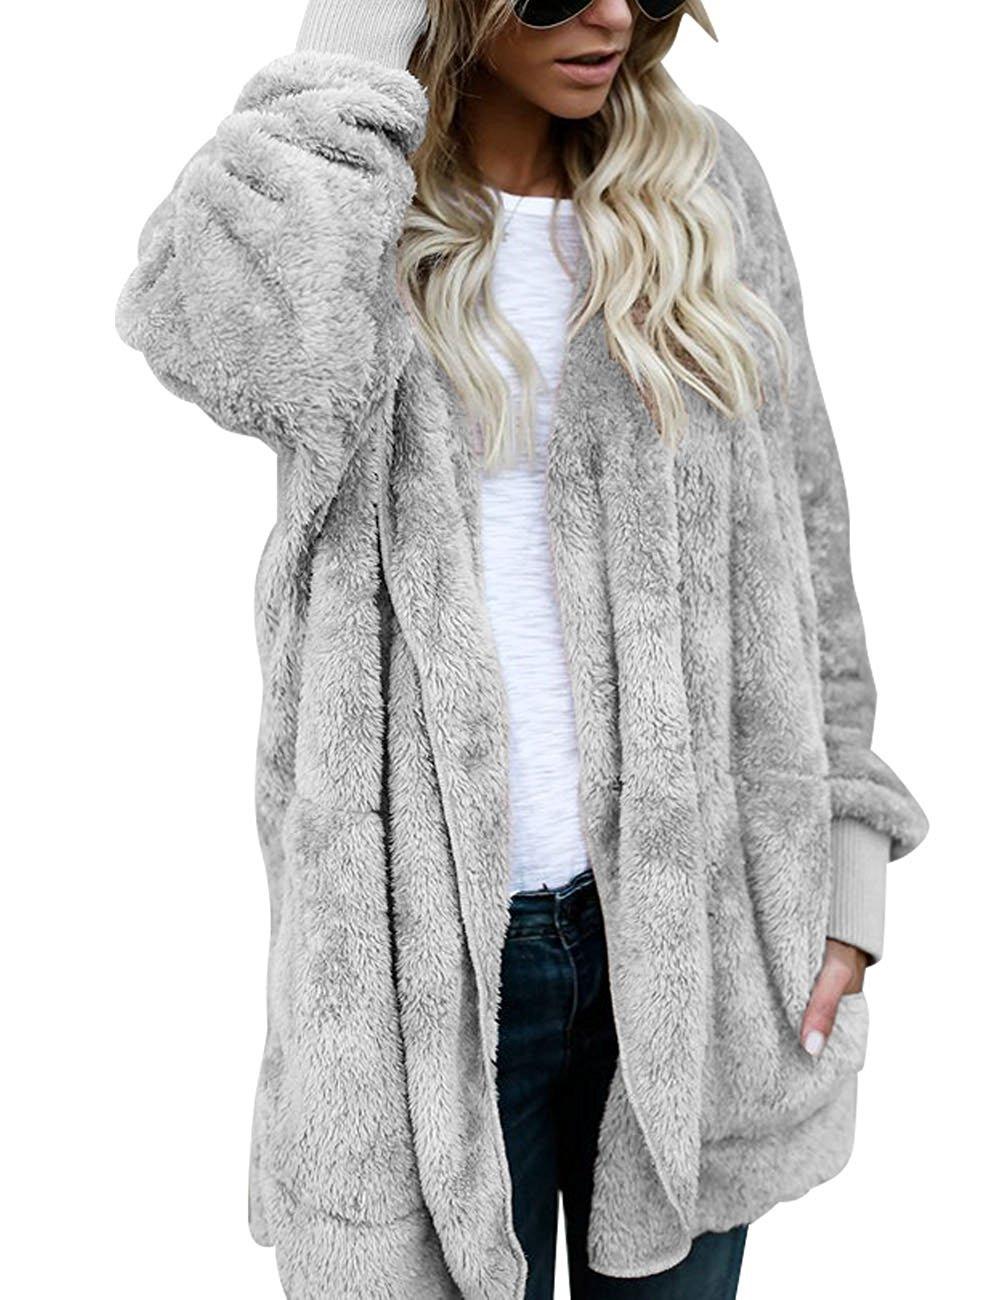 ThusFar Fuzzy Fleece Open Front Hooded Cardigan Jacket Coat Outwear with Pocket for Women Grey M